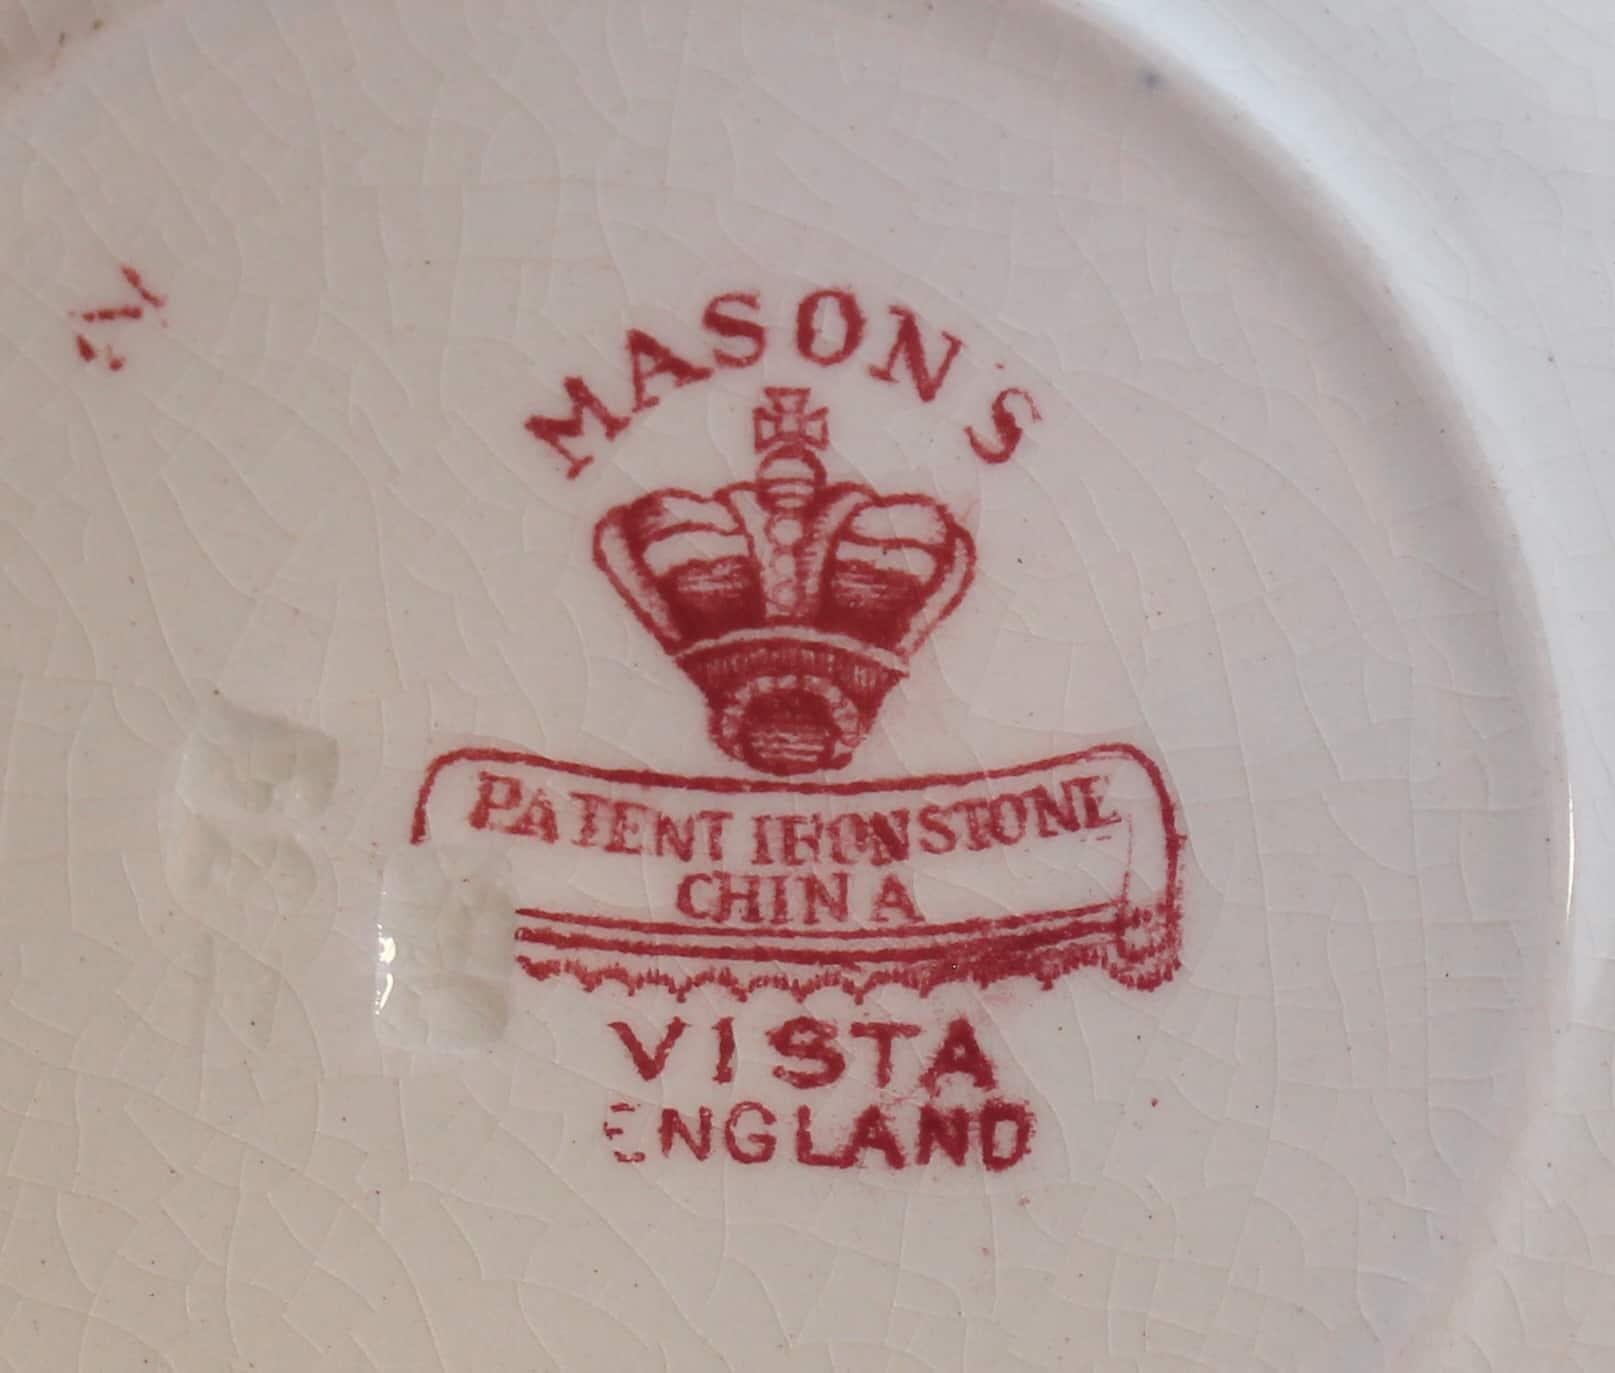 Mason's Pottery mark